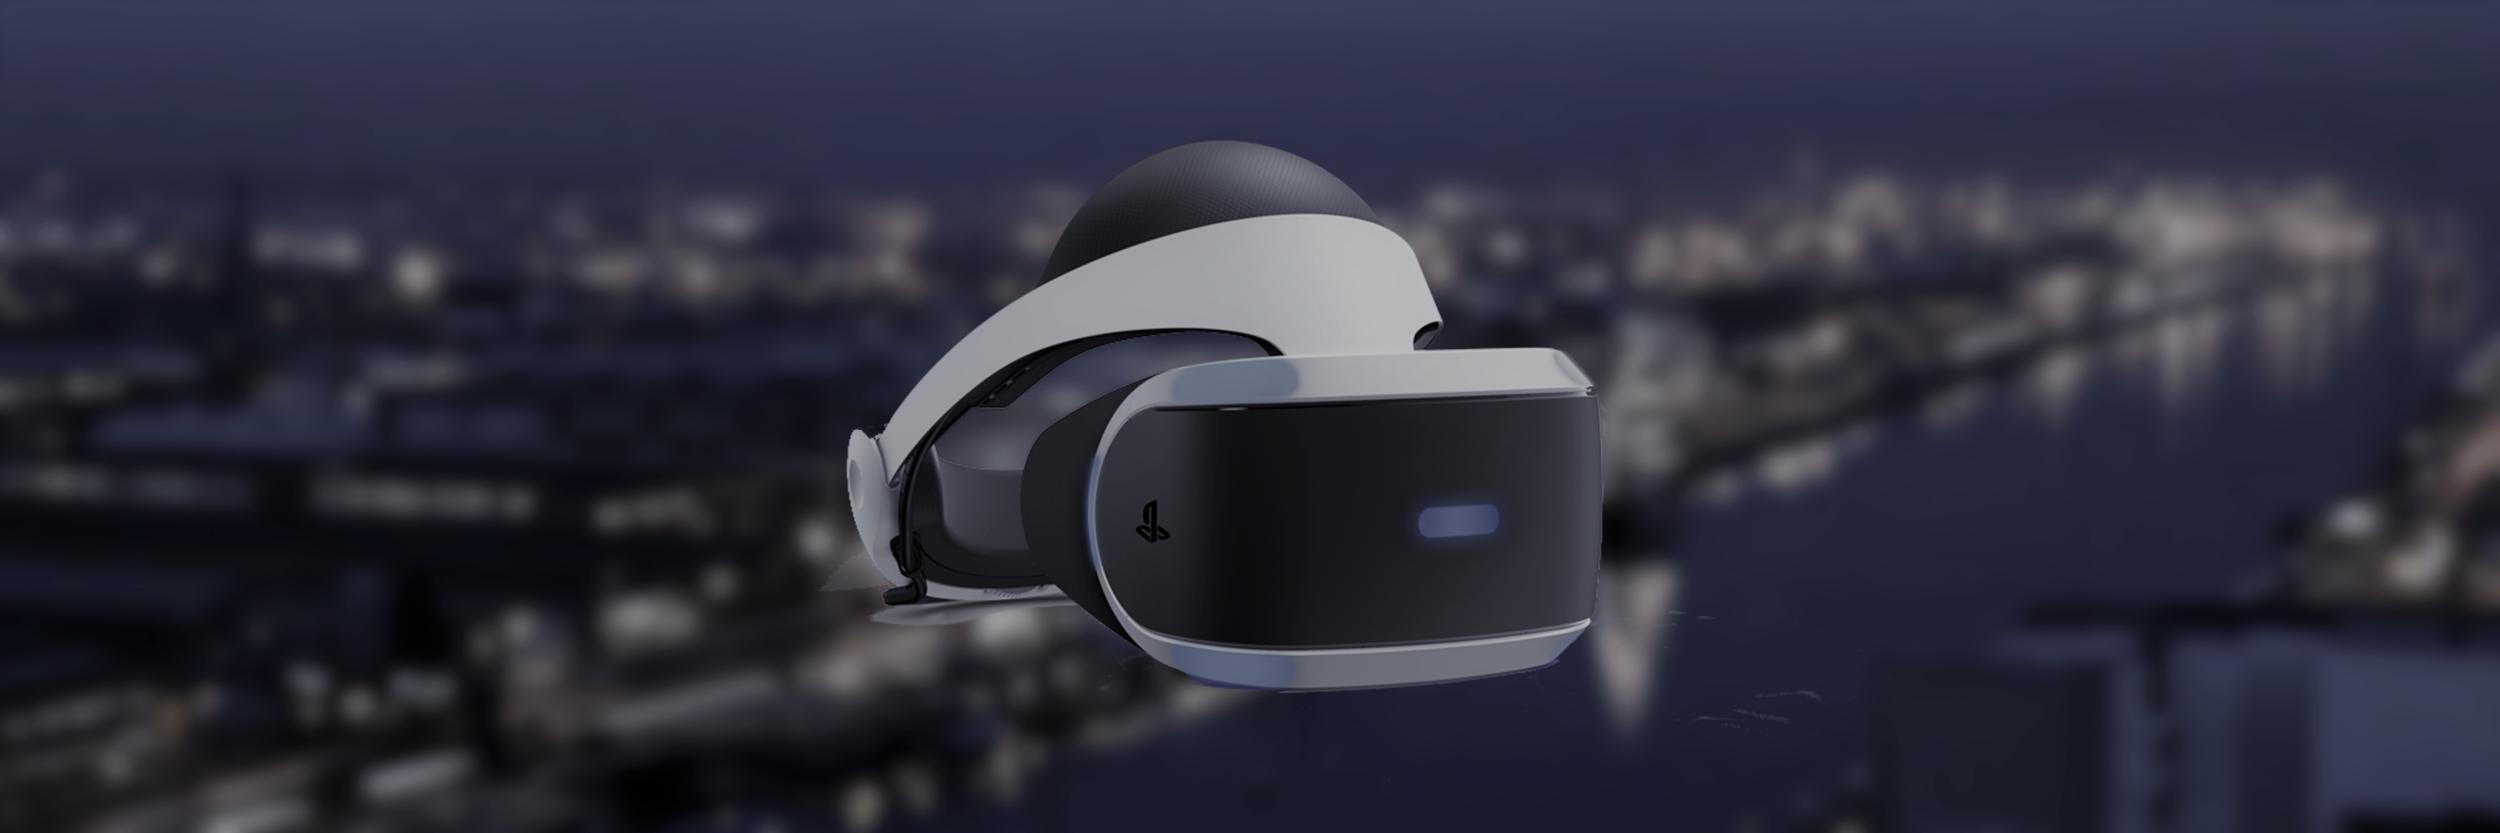 Playstation VR -